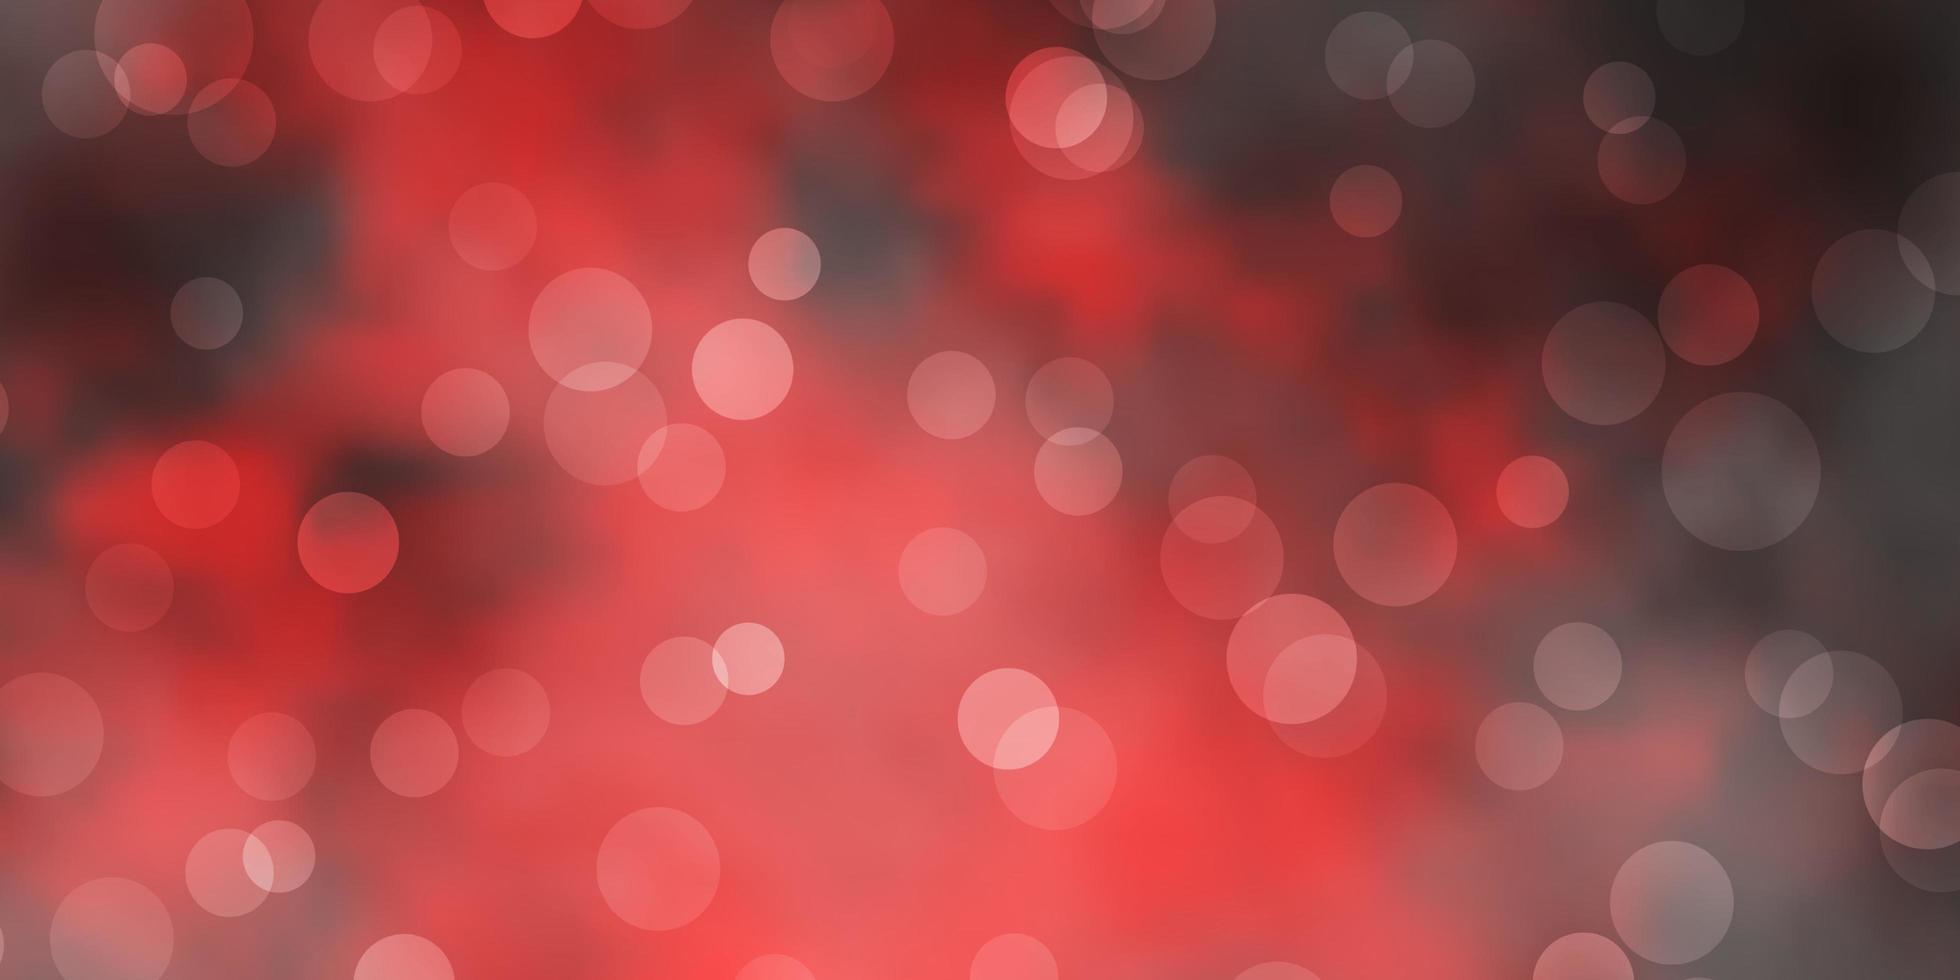 fundo vector vermelho escuro com manchas